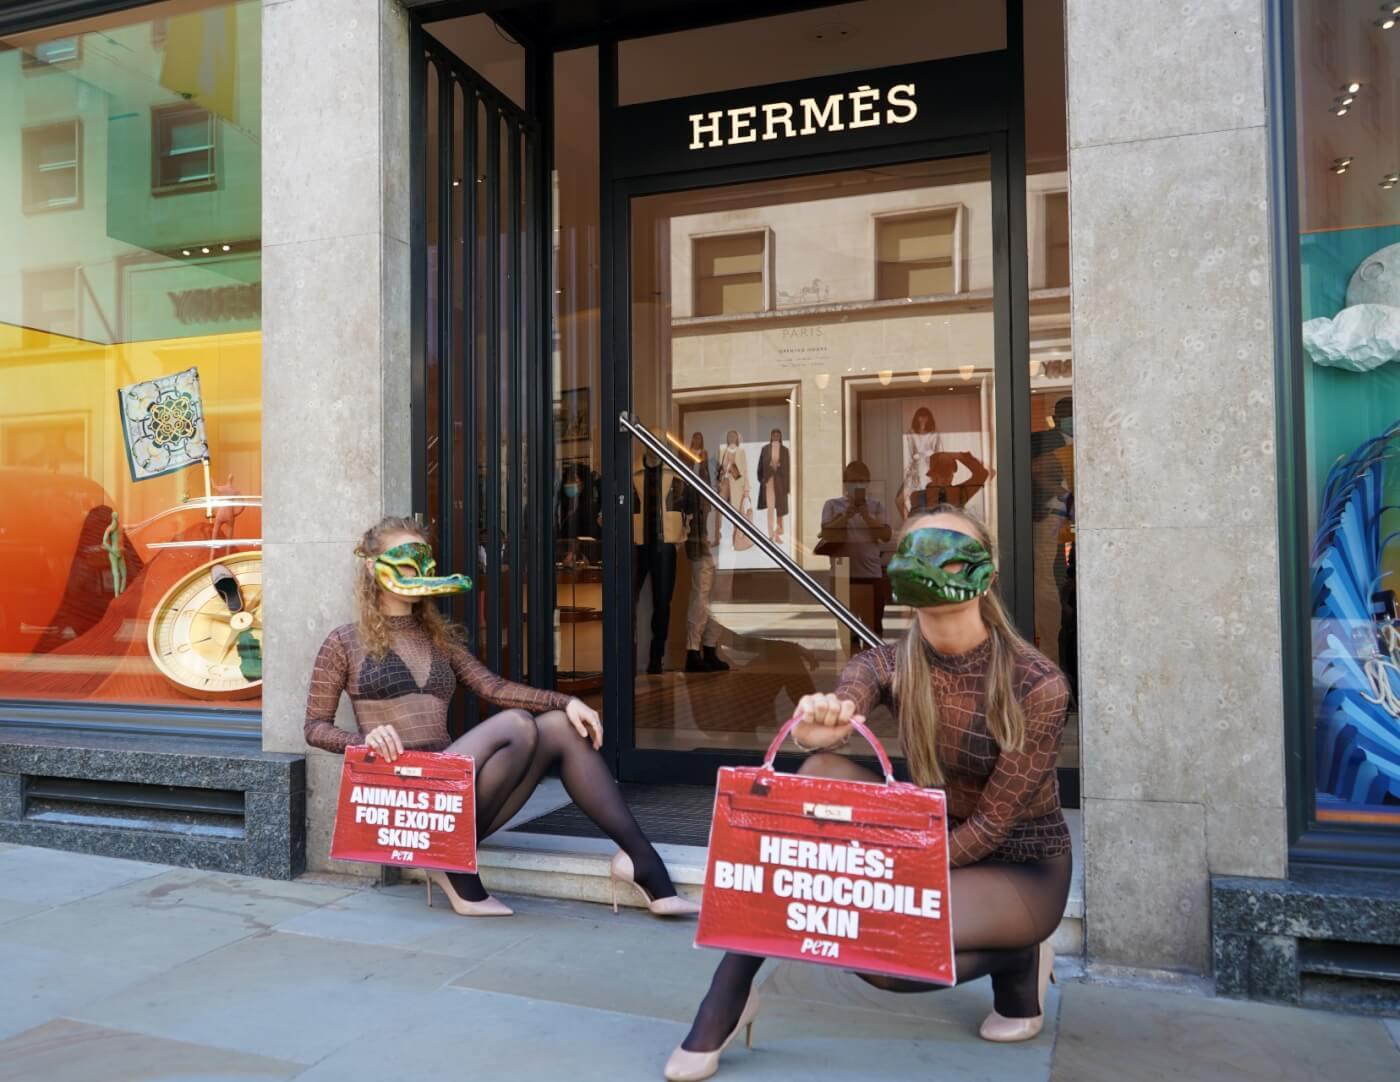 peta protest hermes use of crocodile skin in london